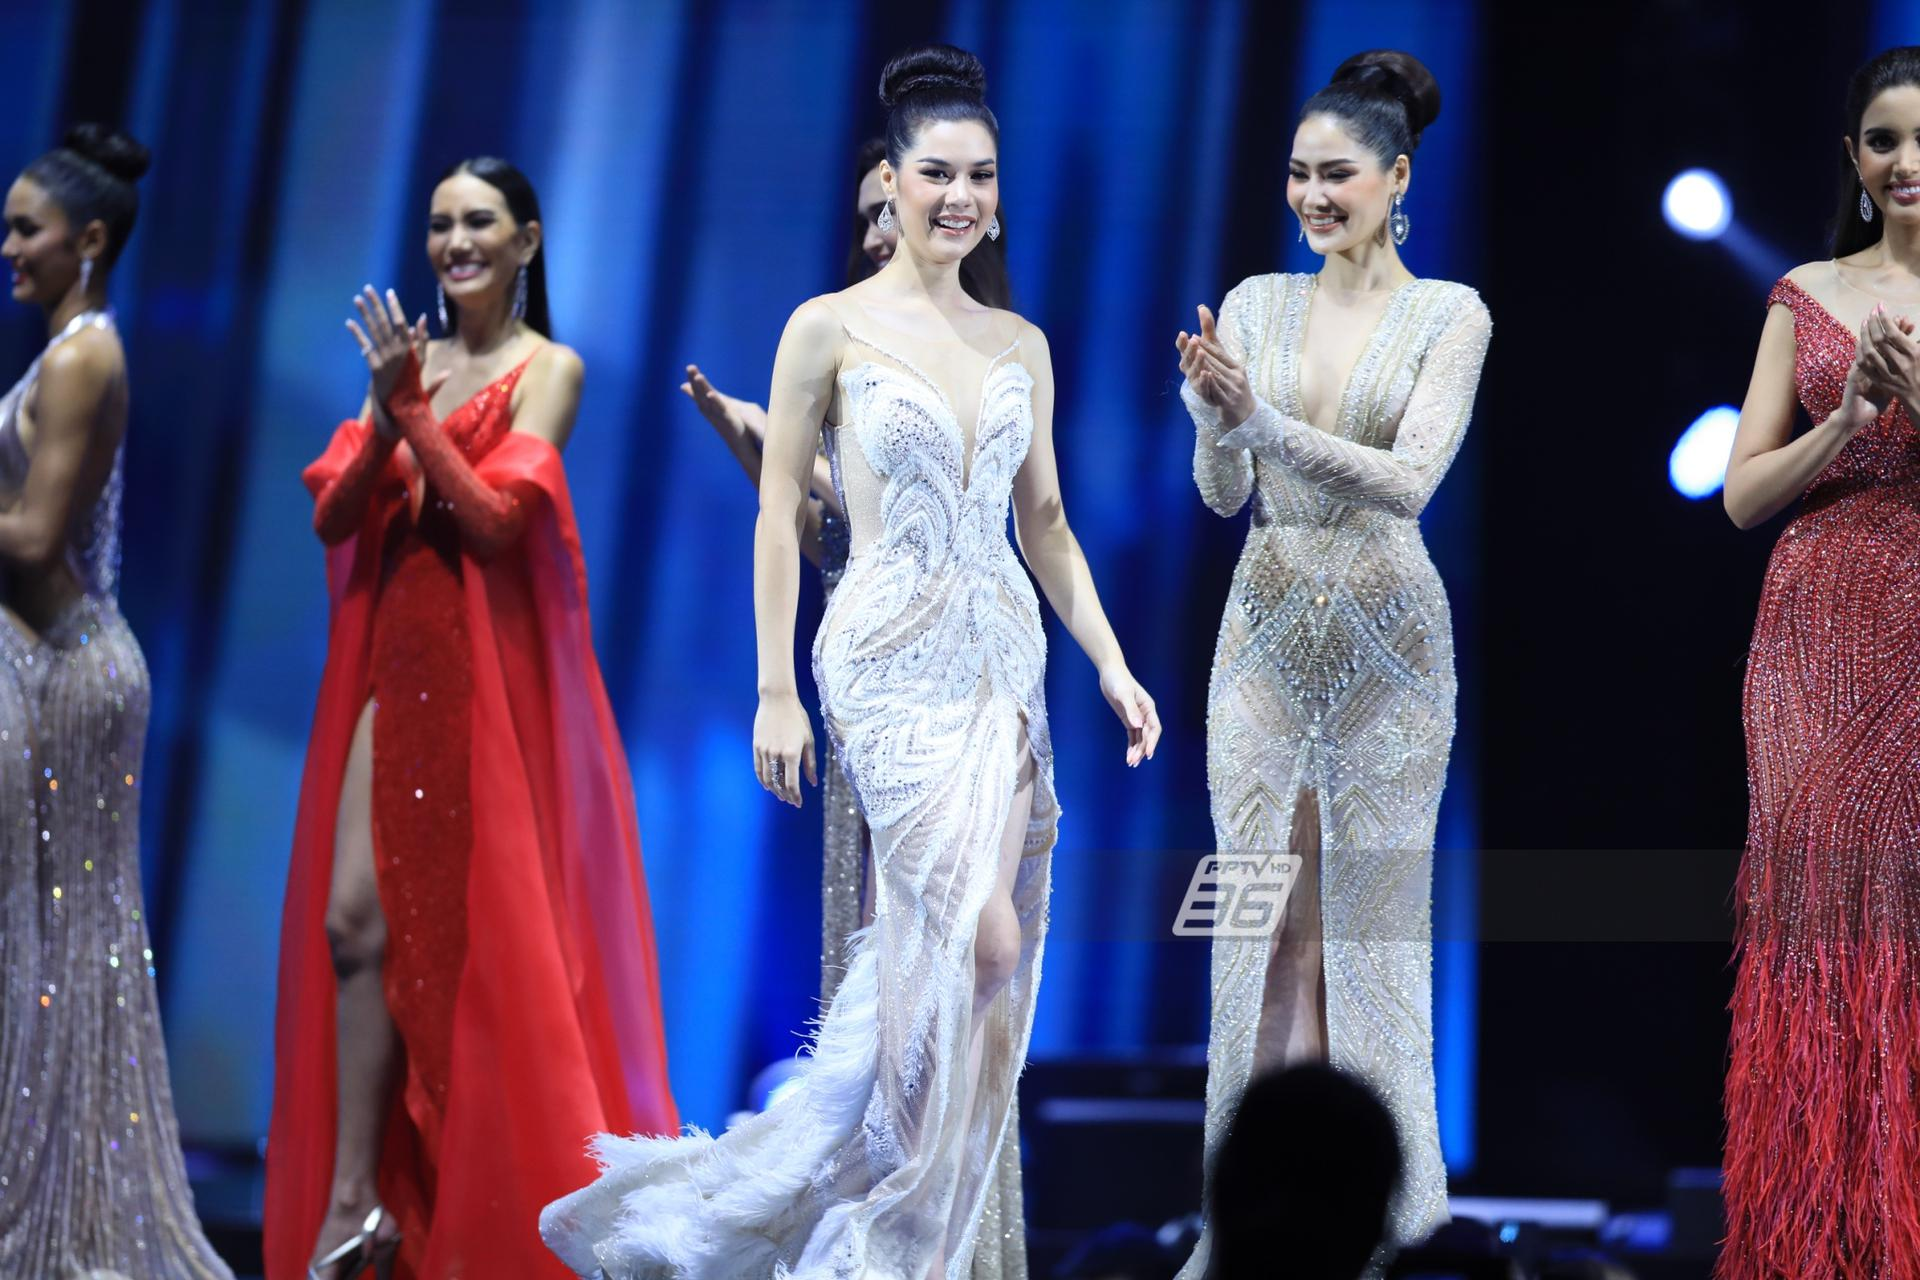 ประชันชุดราตรี บนเวที Miss Universe Thailand 2020 รอบตัดสิน